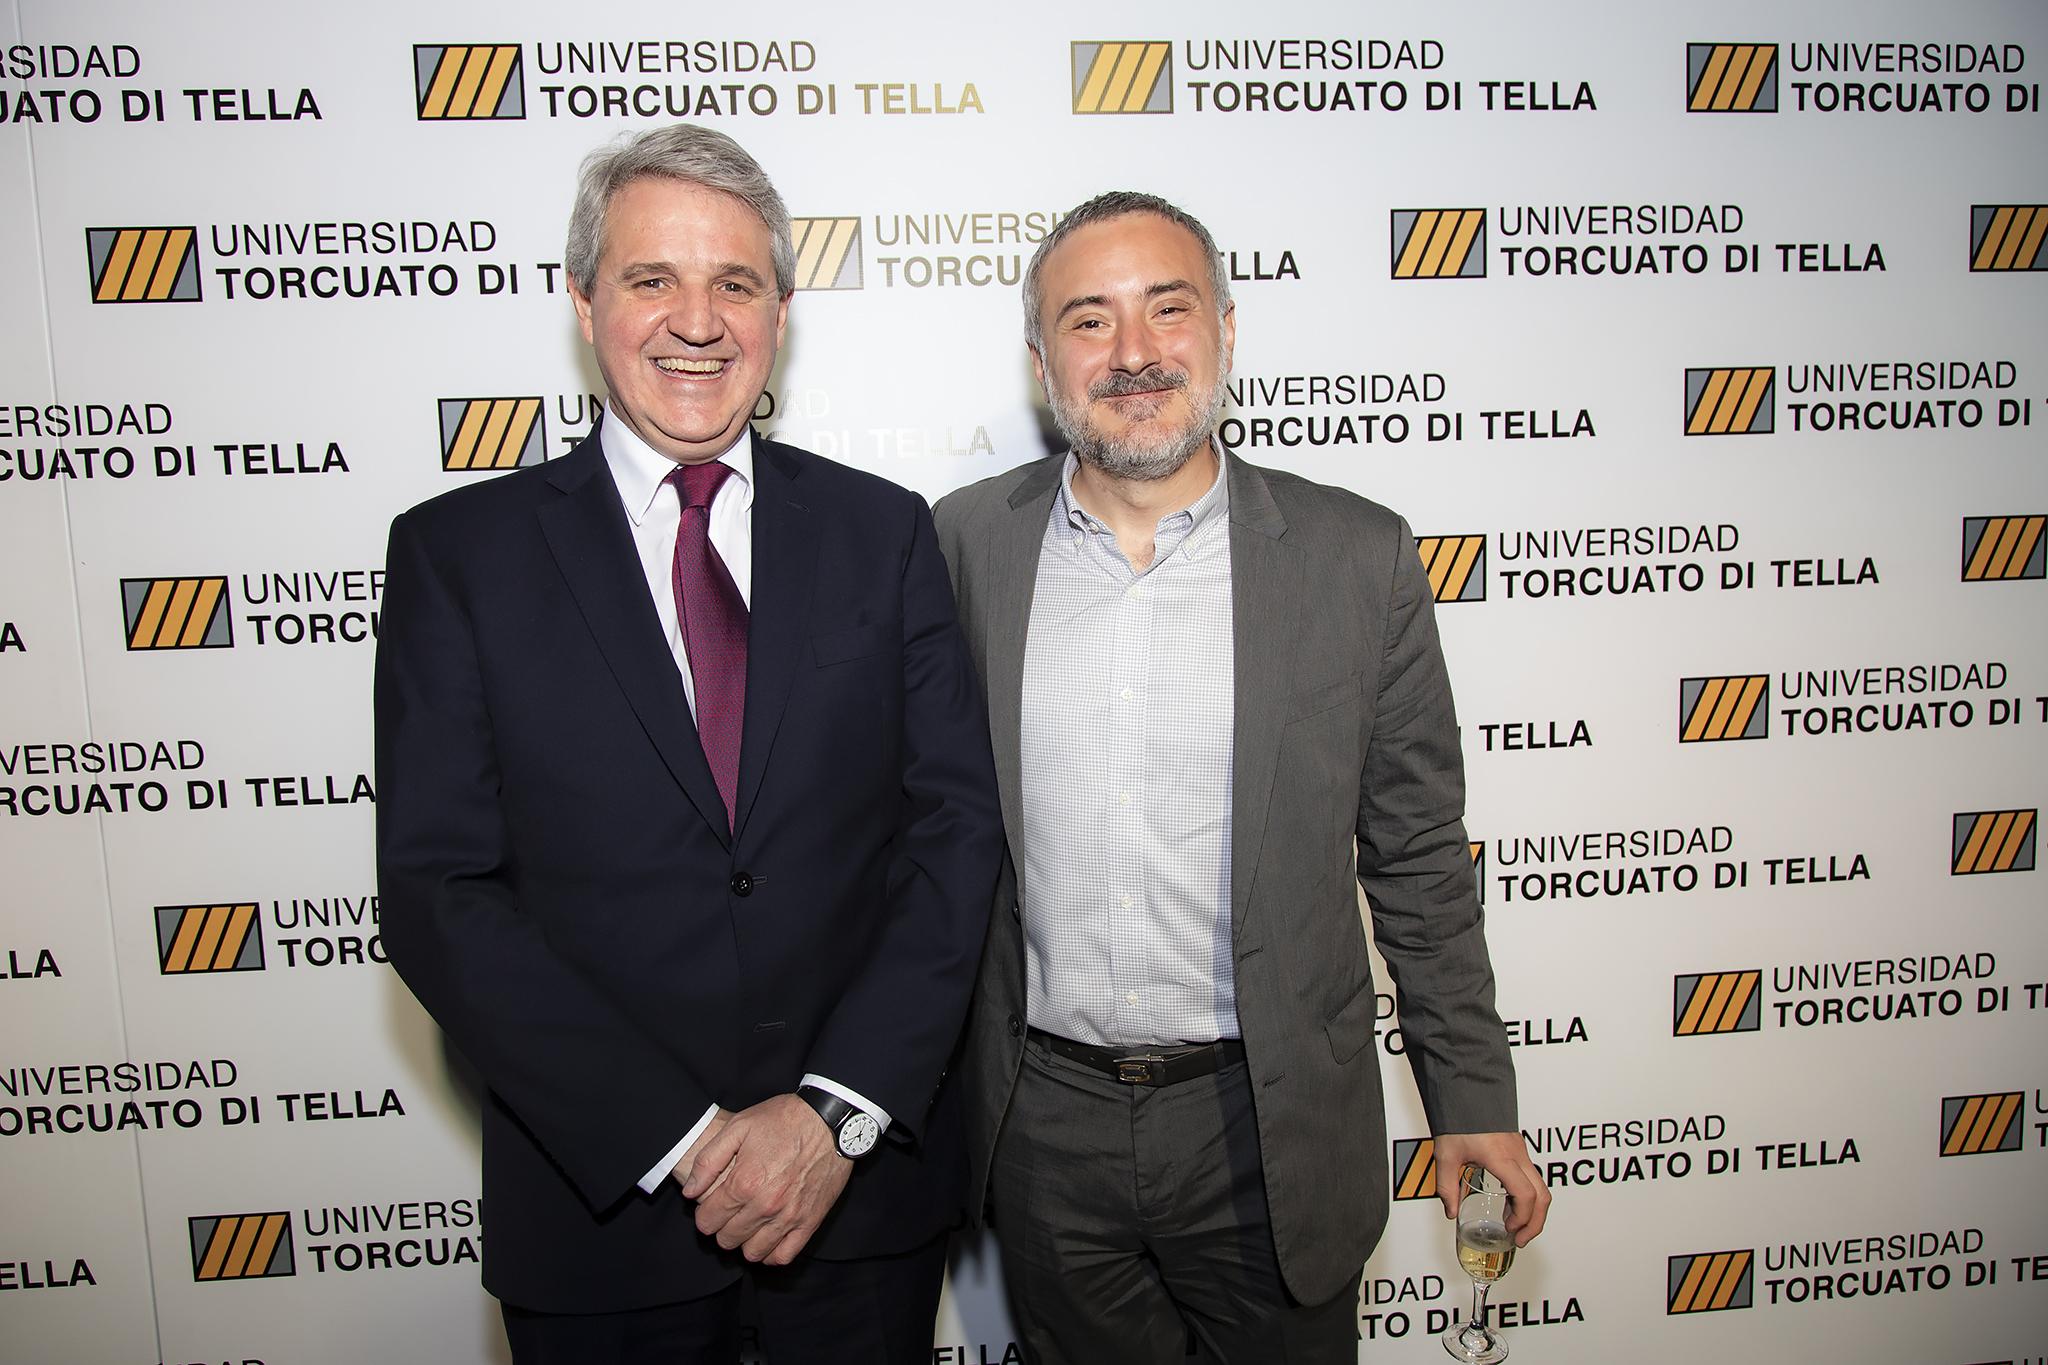 Juan José y Guillermo Cruces